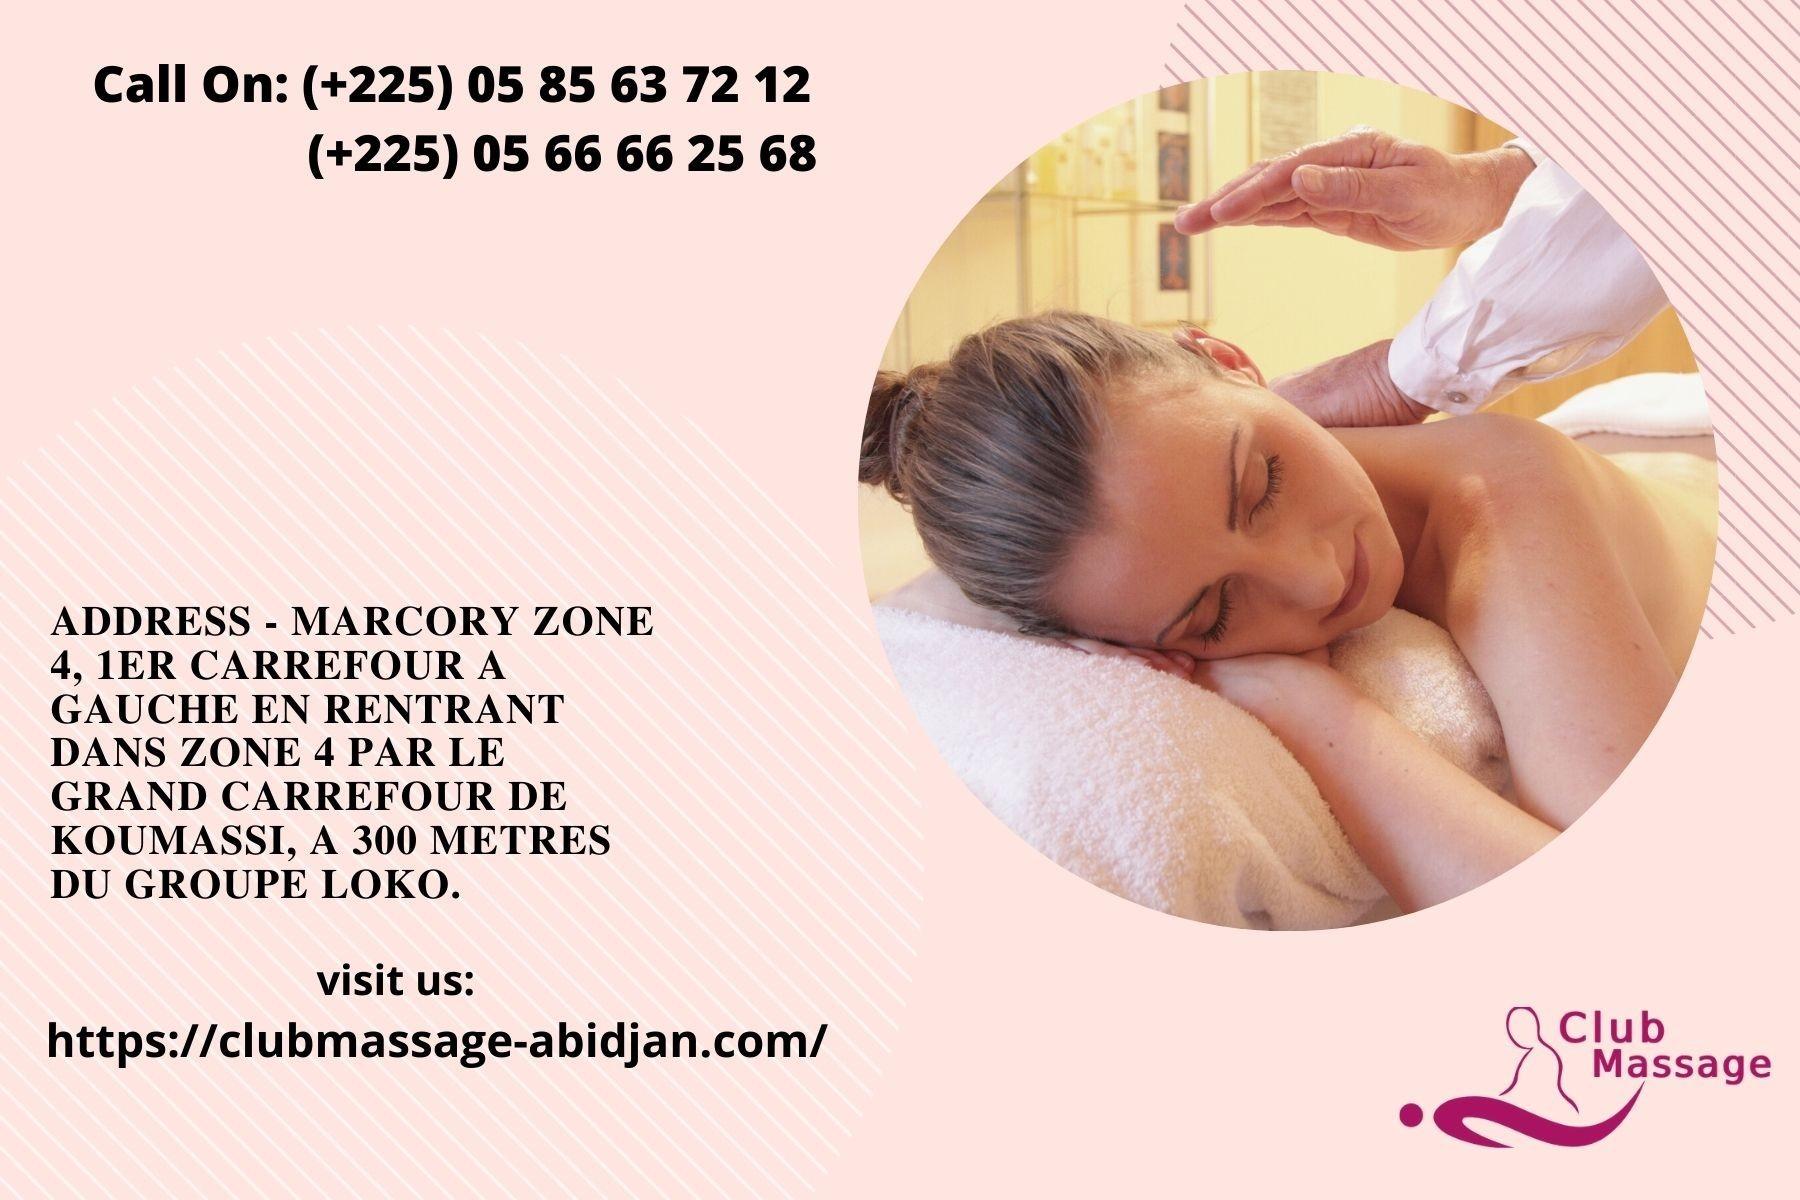 Club Massage Abidjan